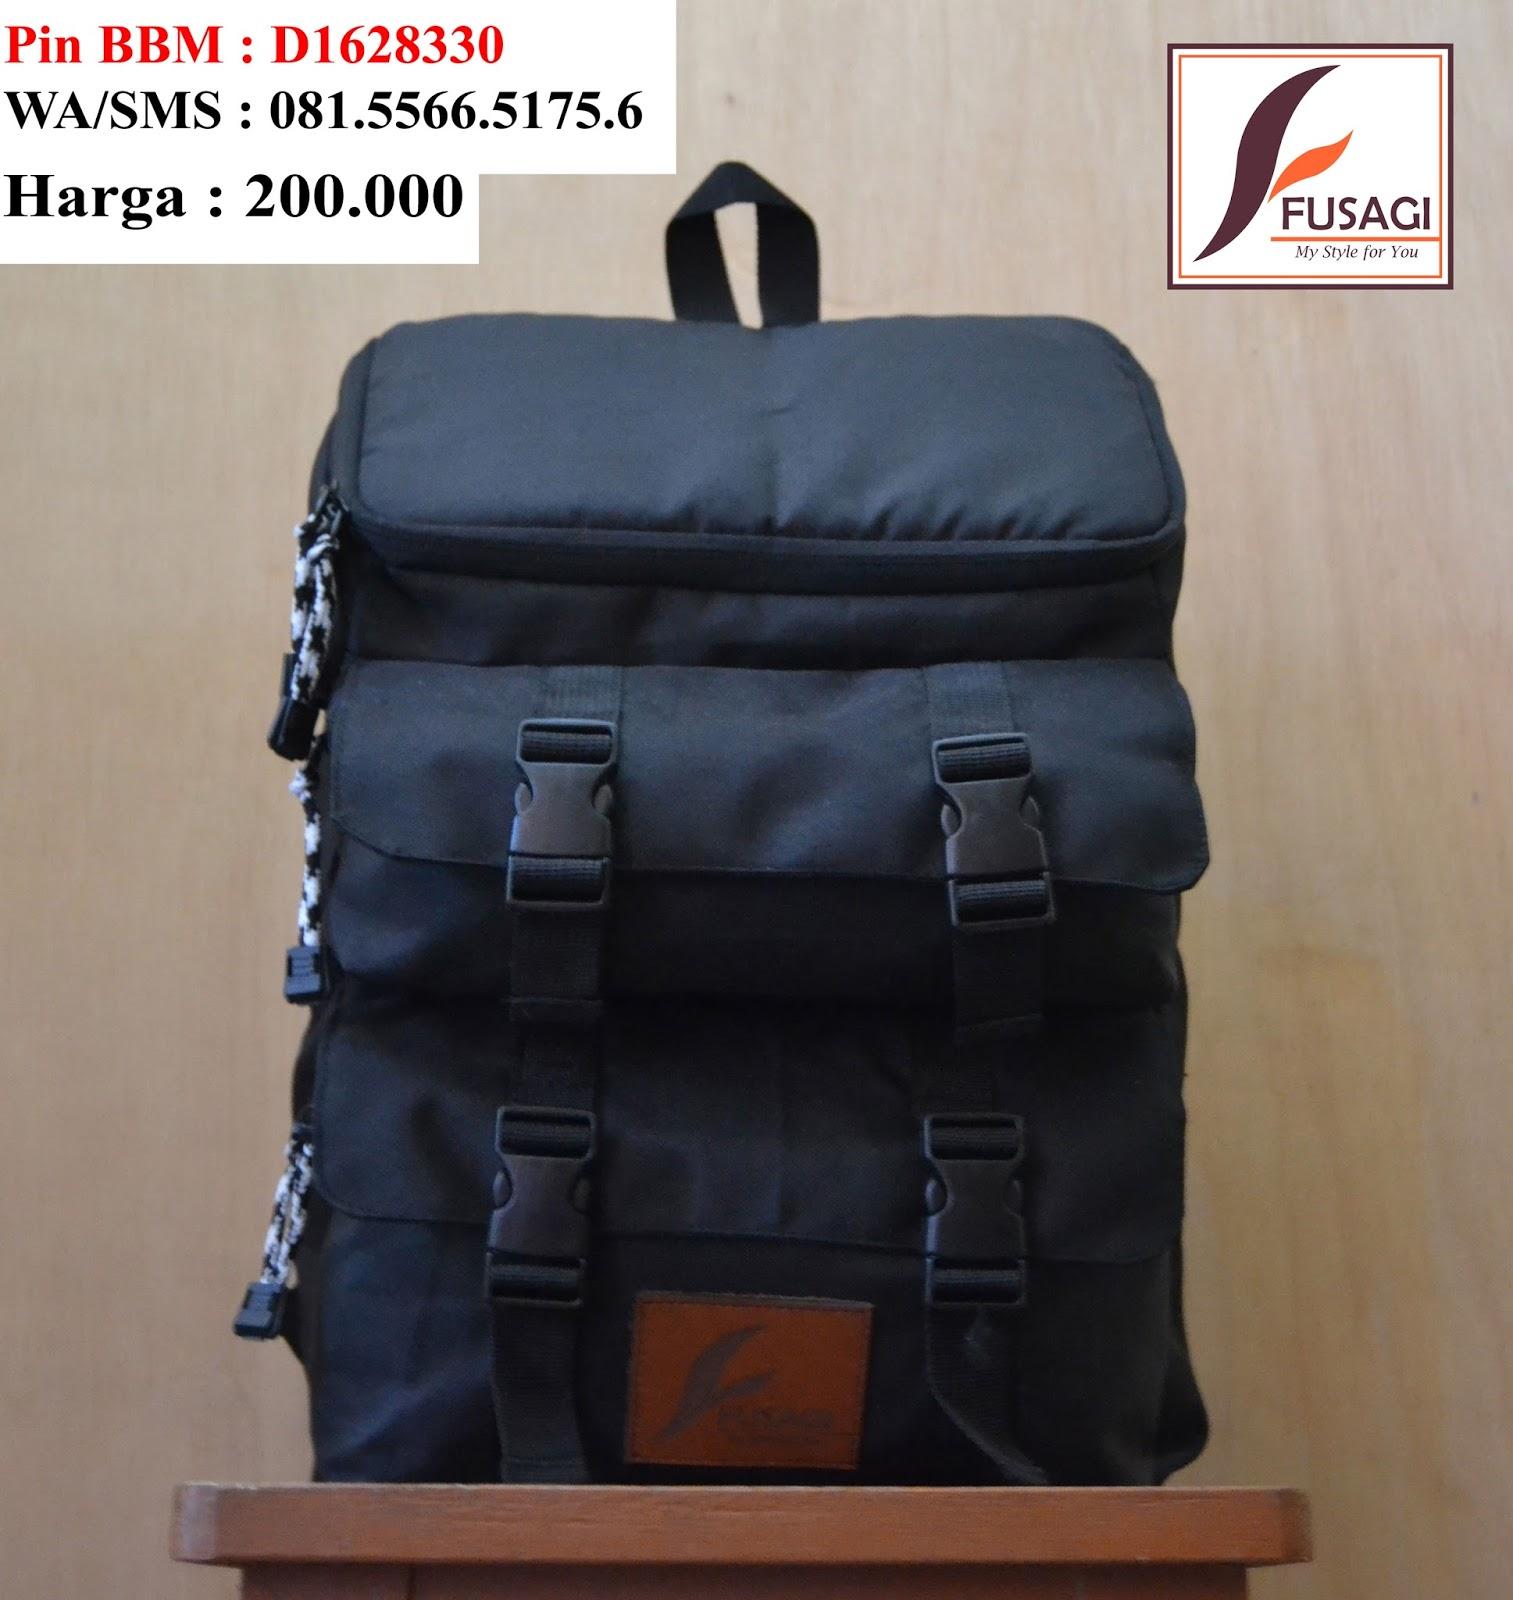 Tas Backpack Traveling Lihat Daftar Harga Terbaru Dan Terlengkap Travel Bag Eibag 602 Abu Pria Laptop Jalan